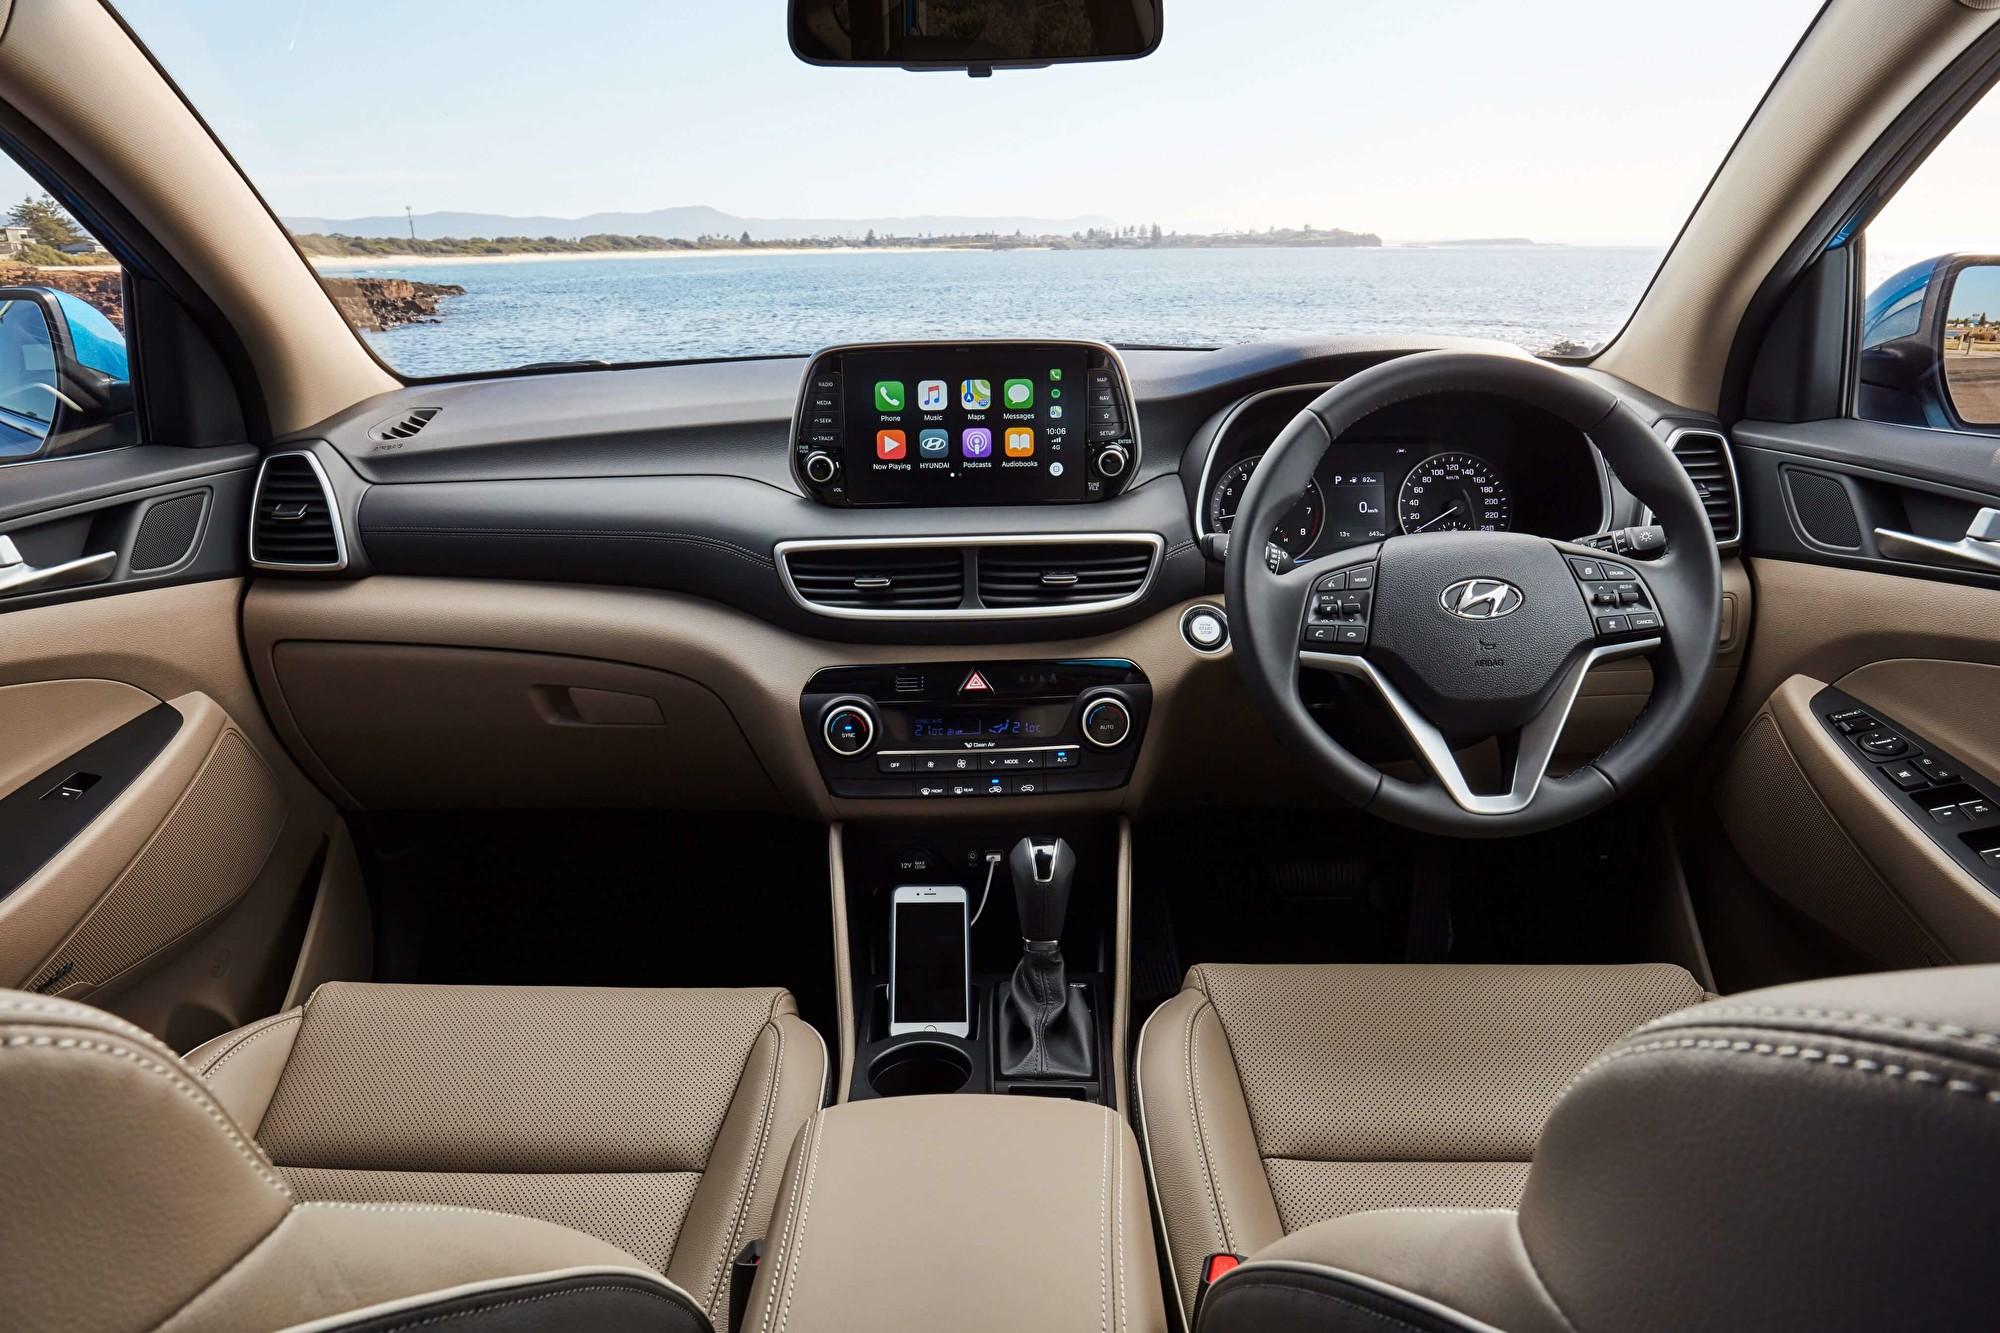 现代第三代城市SUV车型——Hyundai Tucson